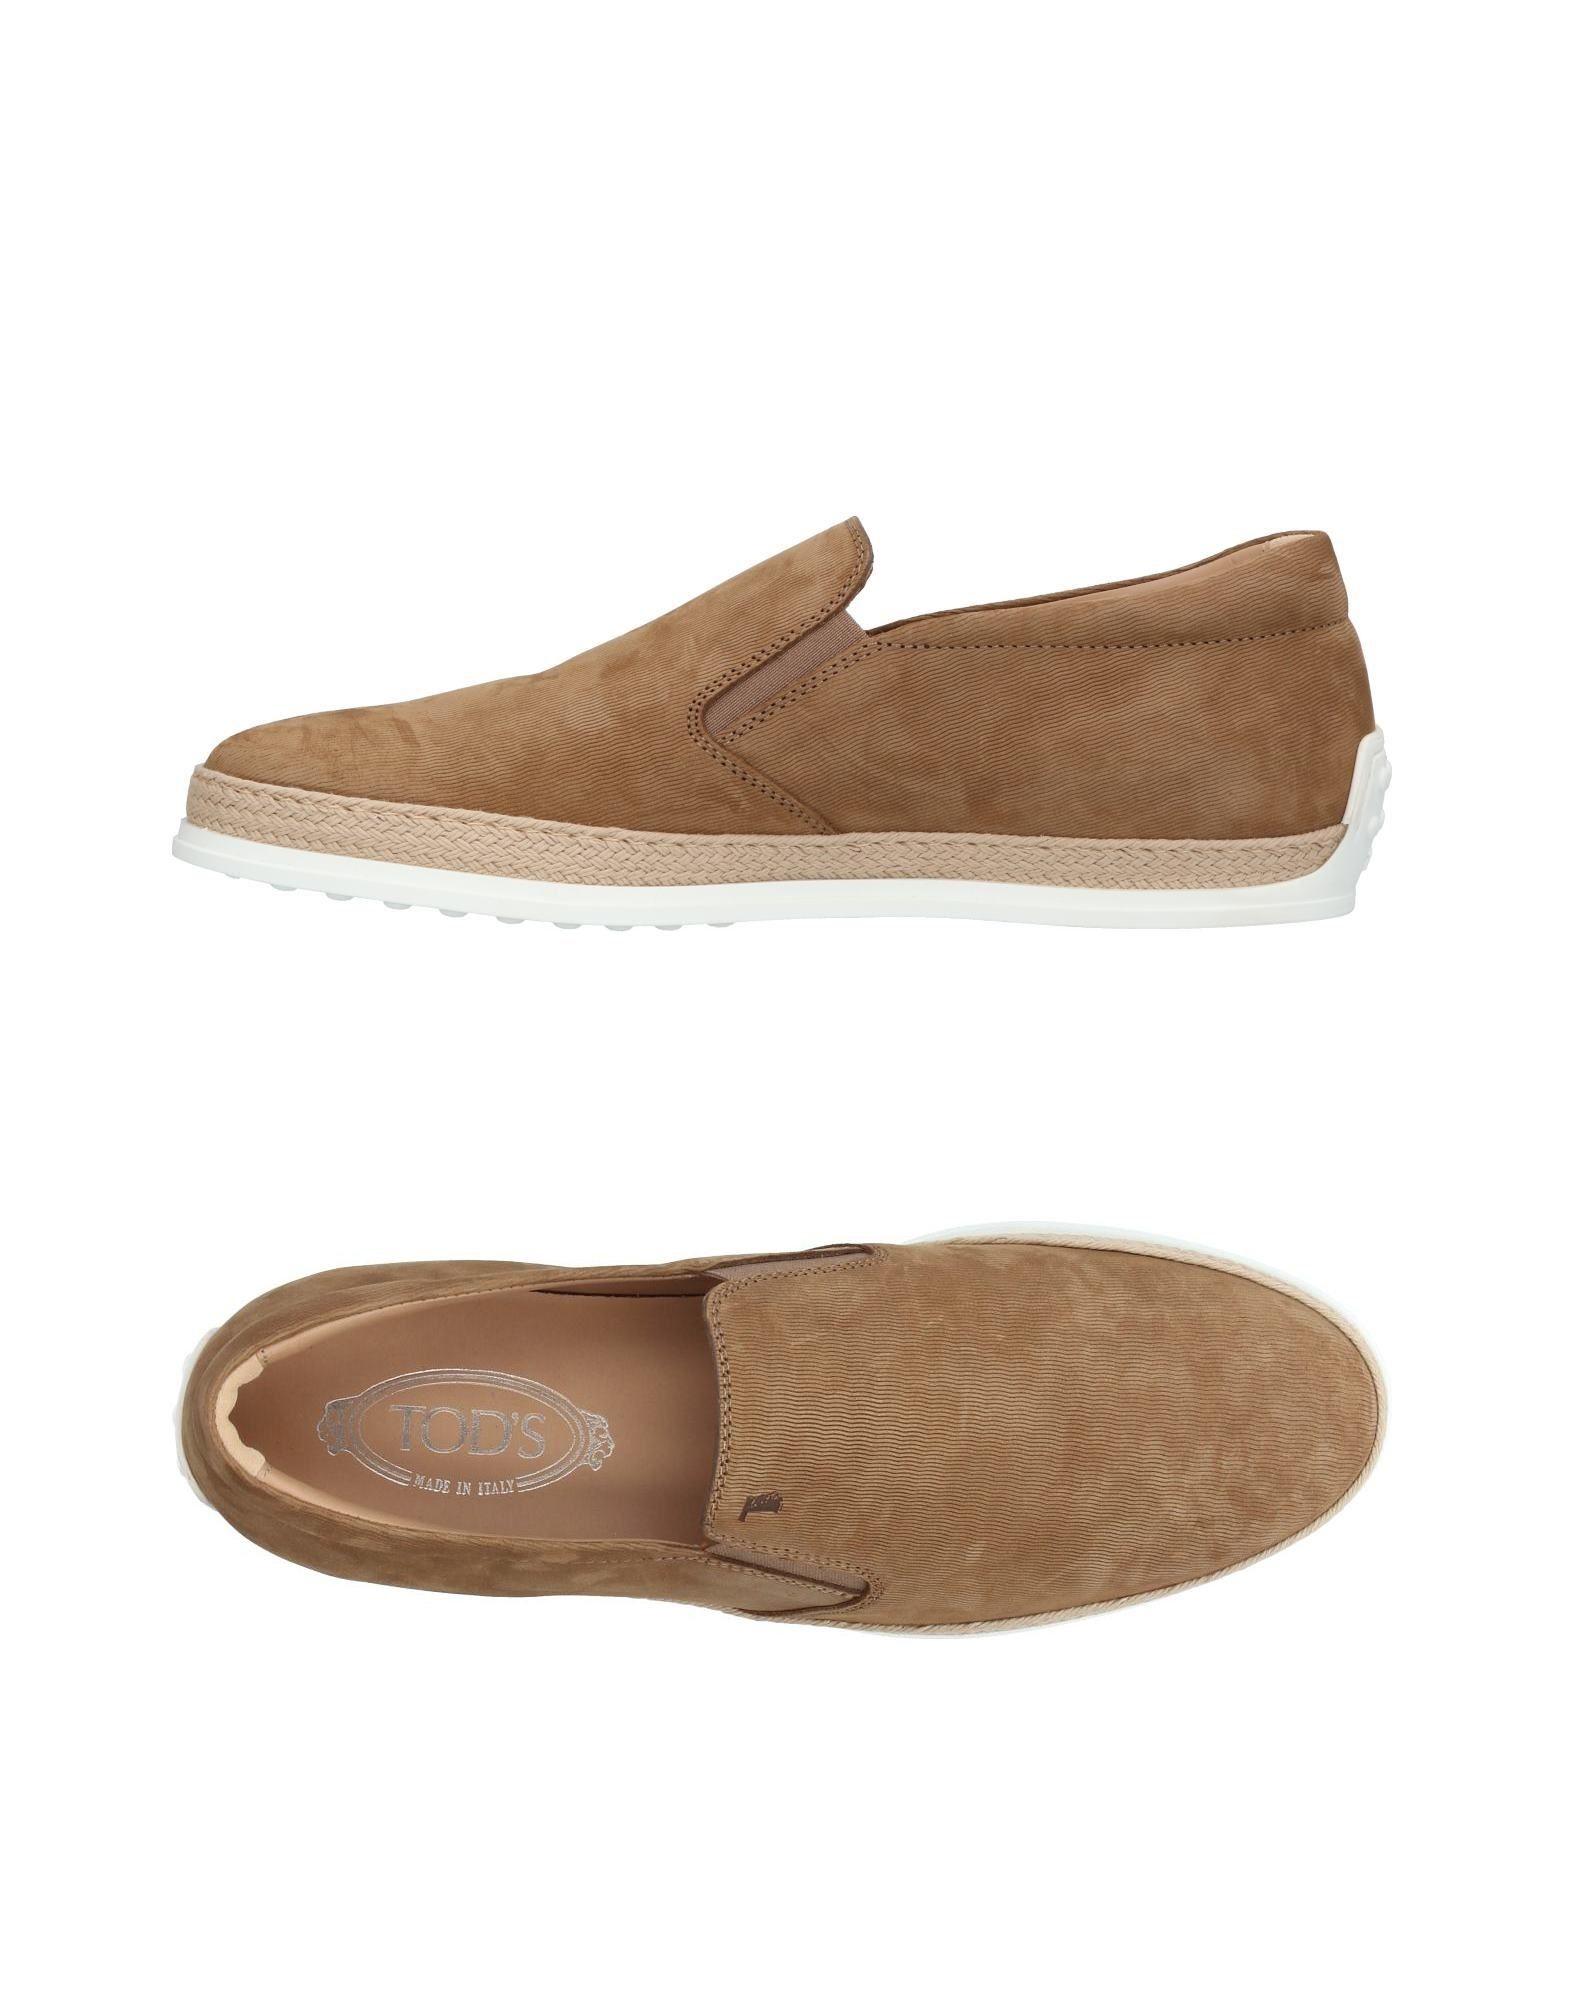 Sandali Romagnoli Donna - 11506516ES Scarpe economiche e buone